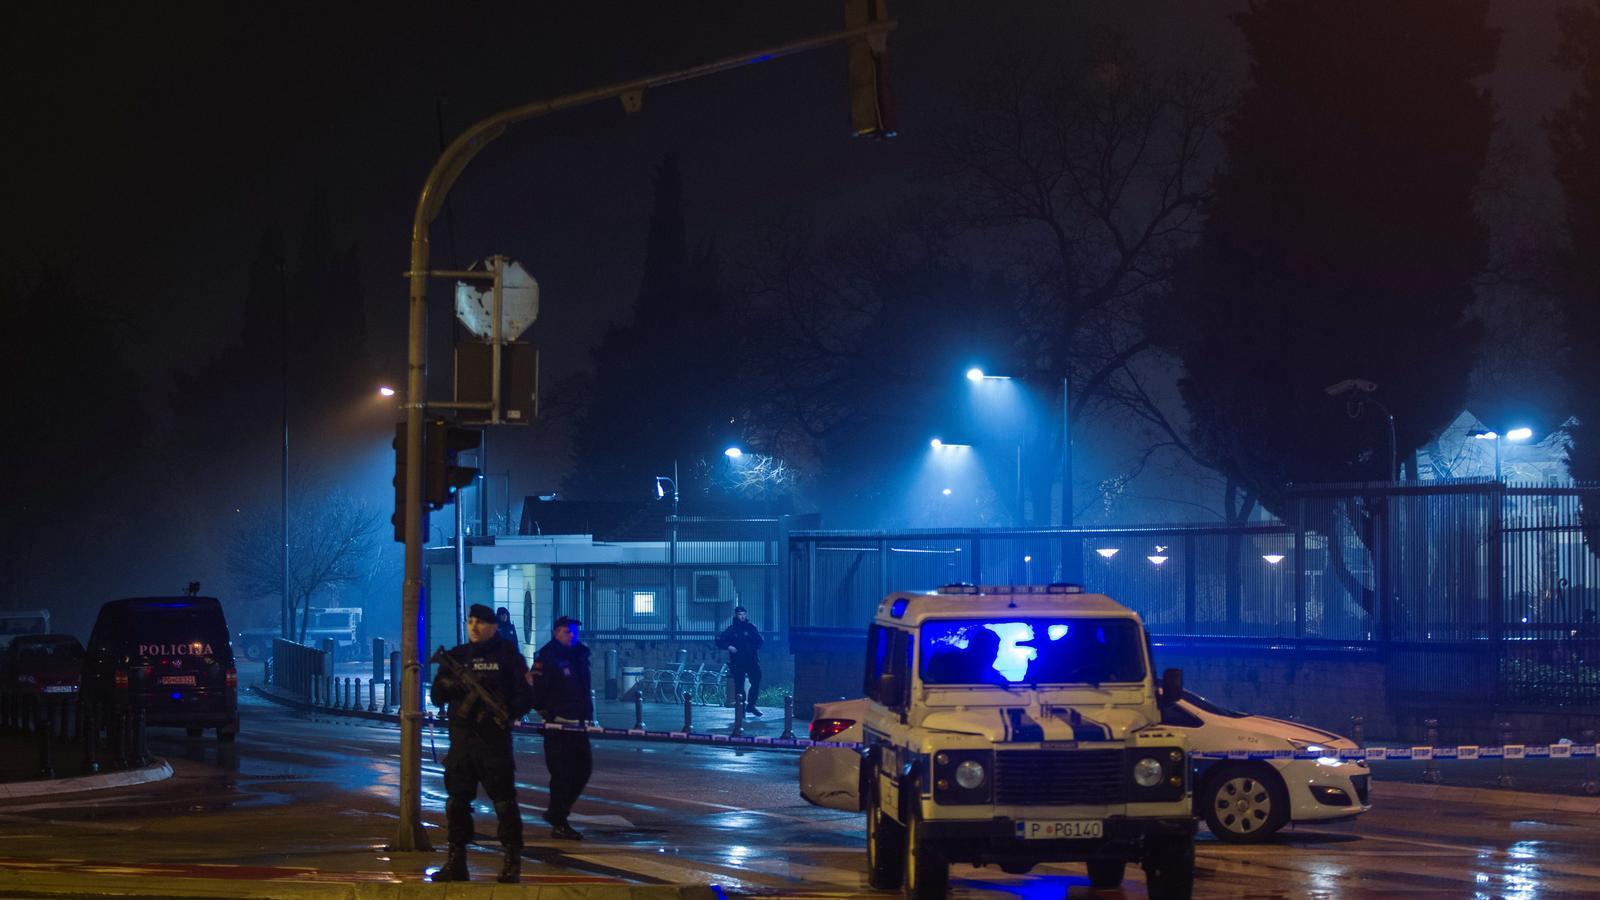 Policia montenegrina protegeix l'entrada de l'ambaixada nord-americana després de l'atac